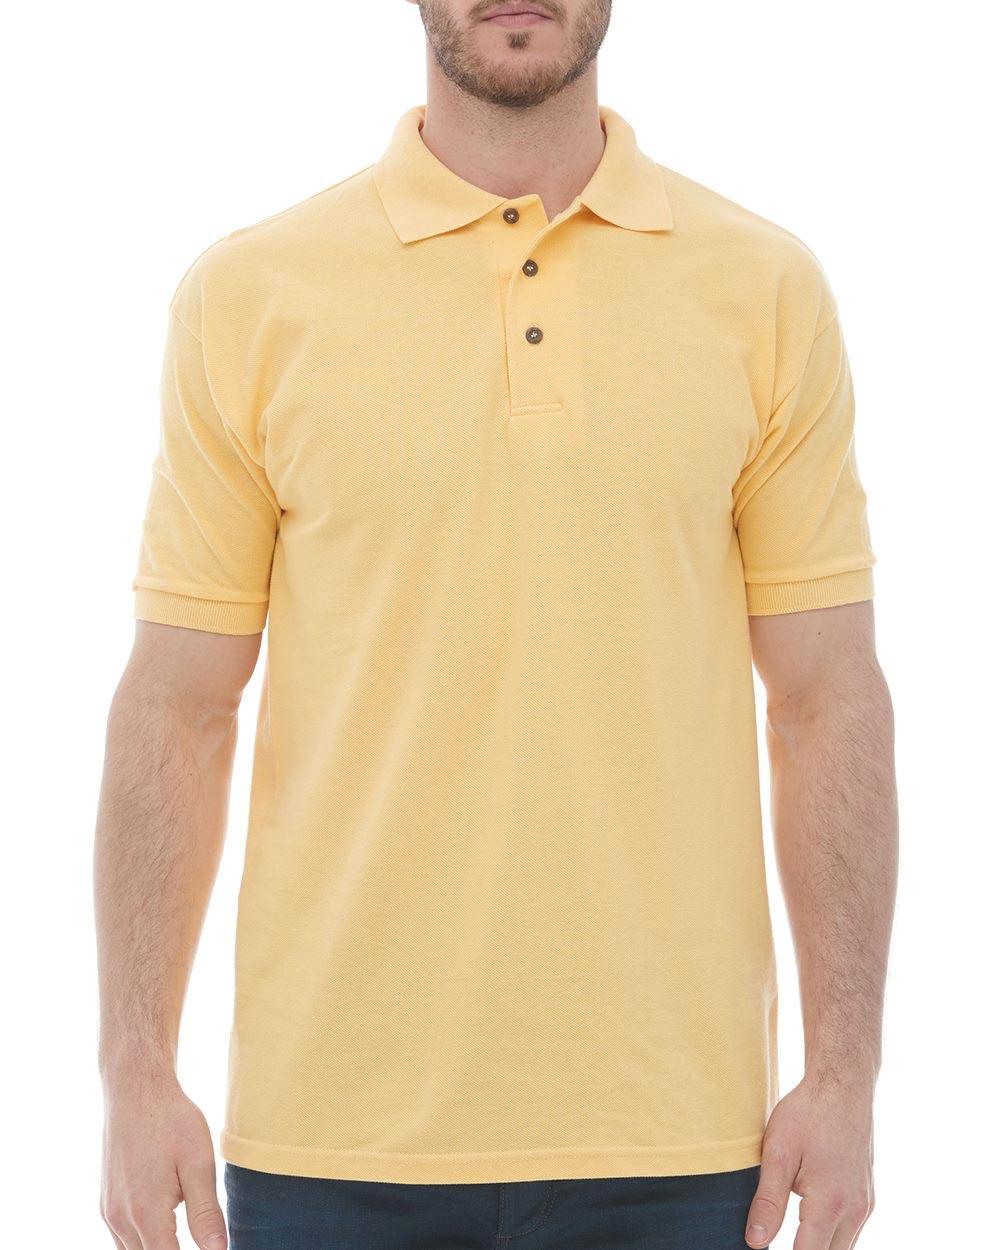 M&O Knits 7002 - Ring-Spun Pique Sport Shirt